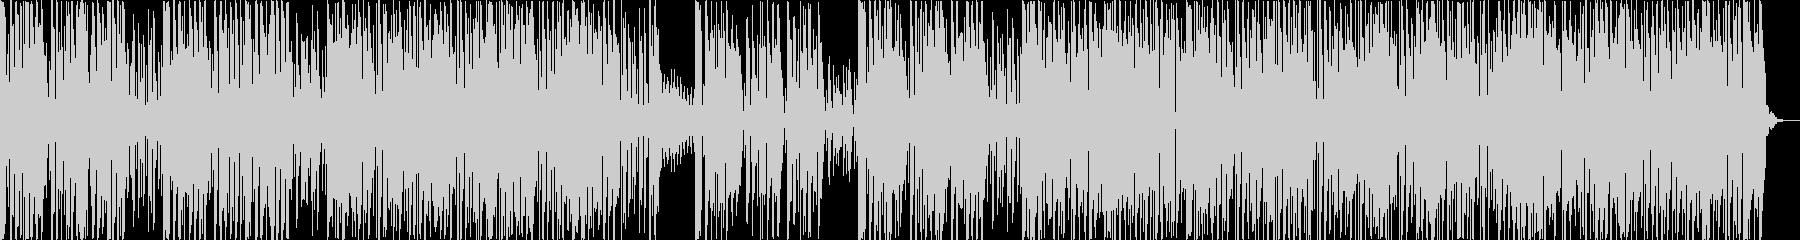 クールなファンクセッションの未再生の波形